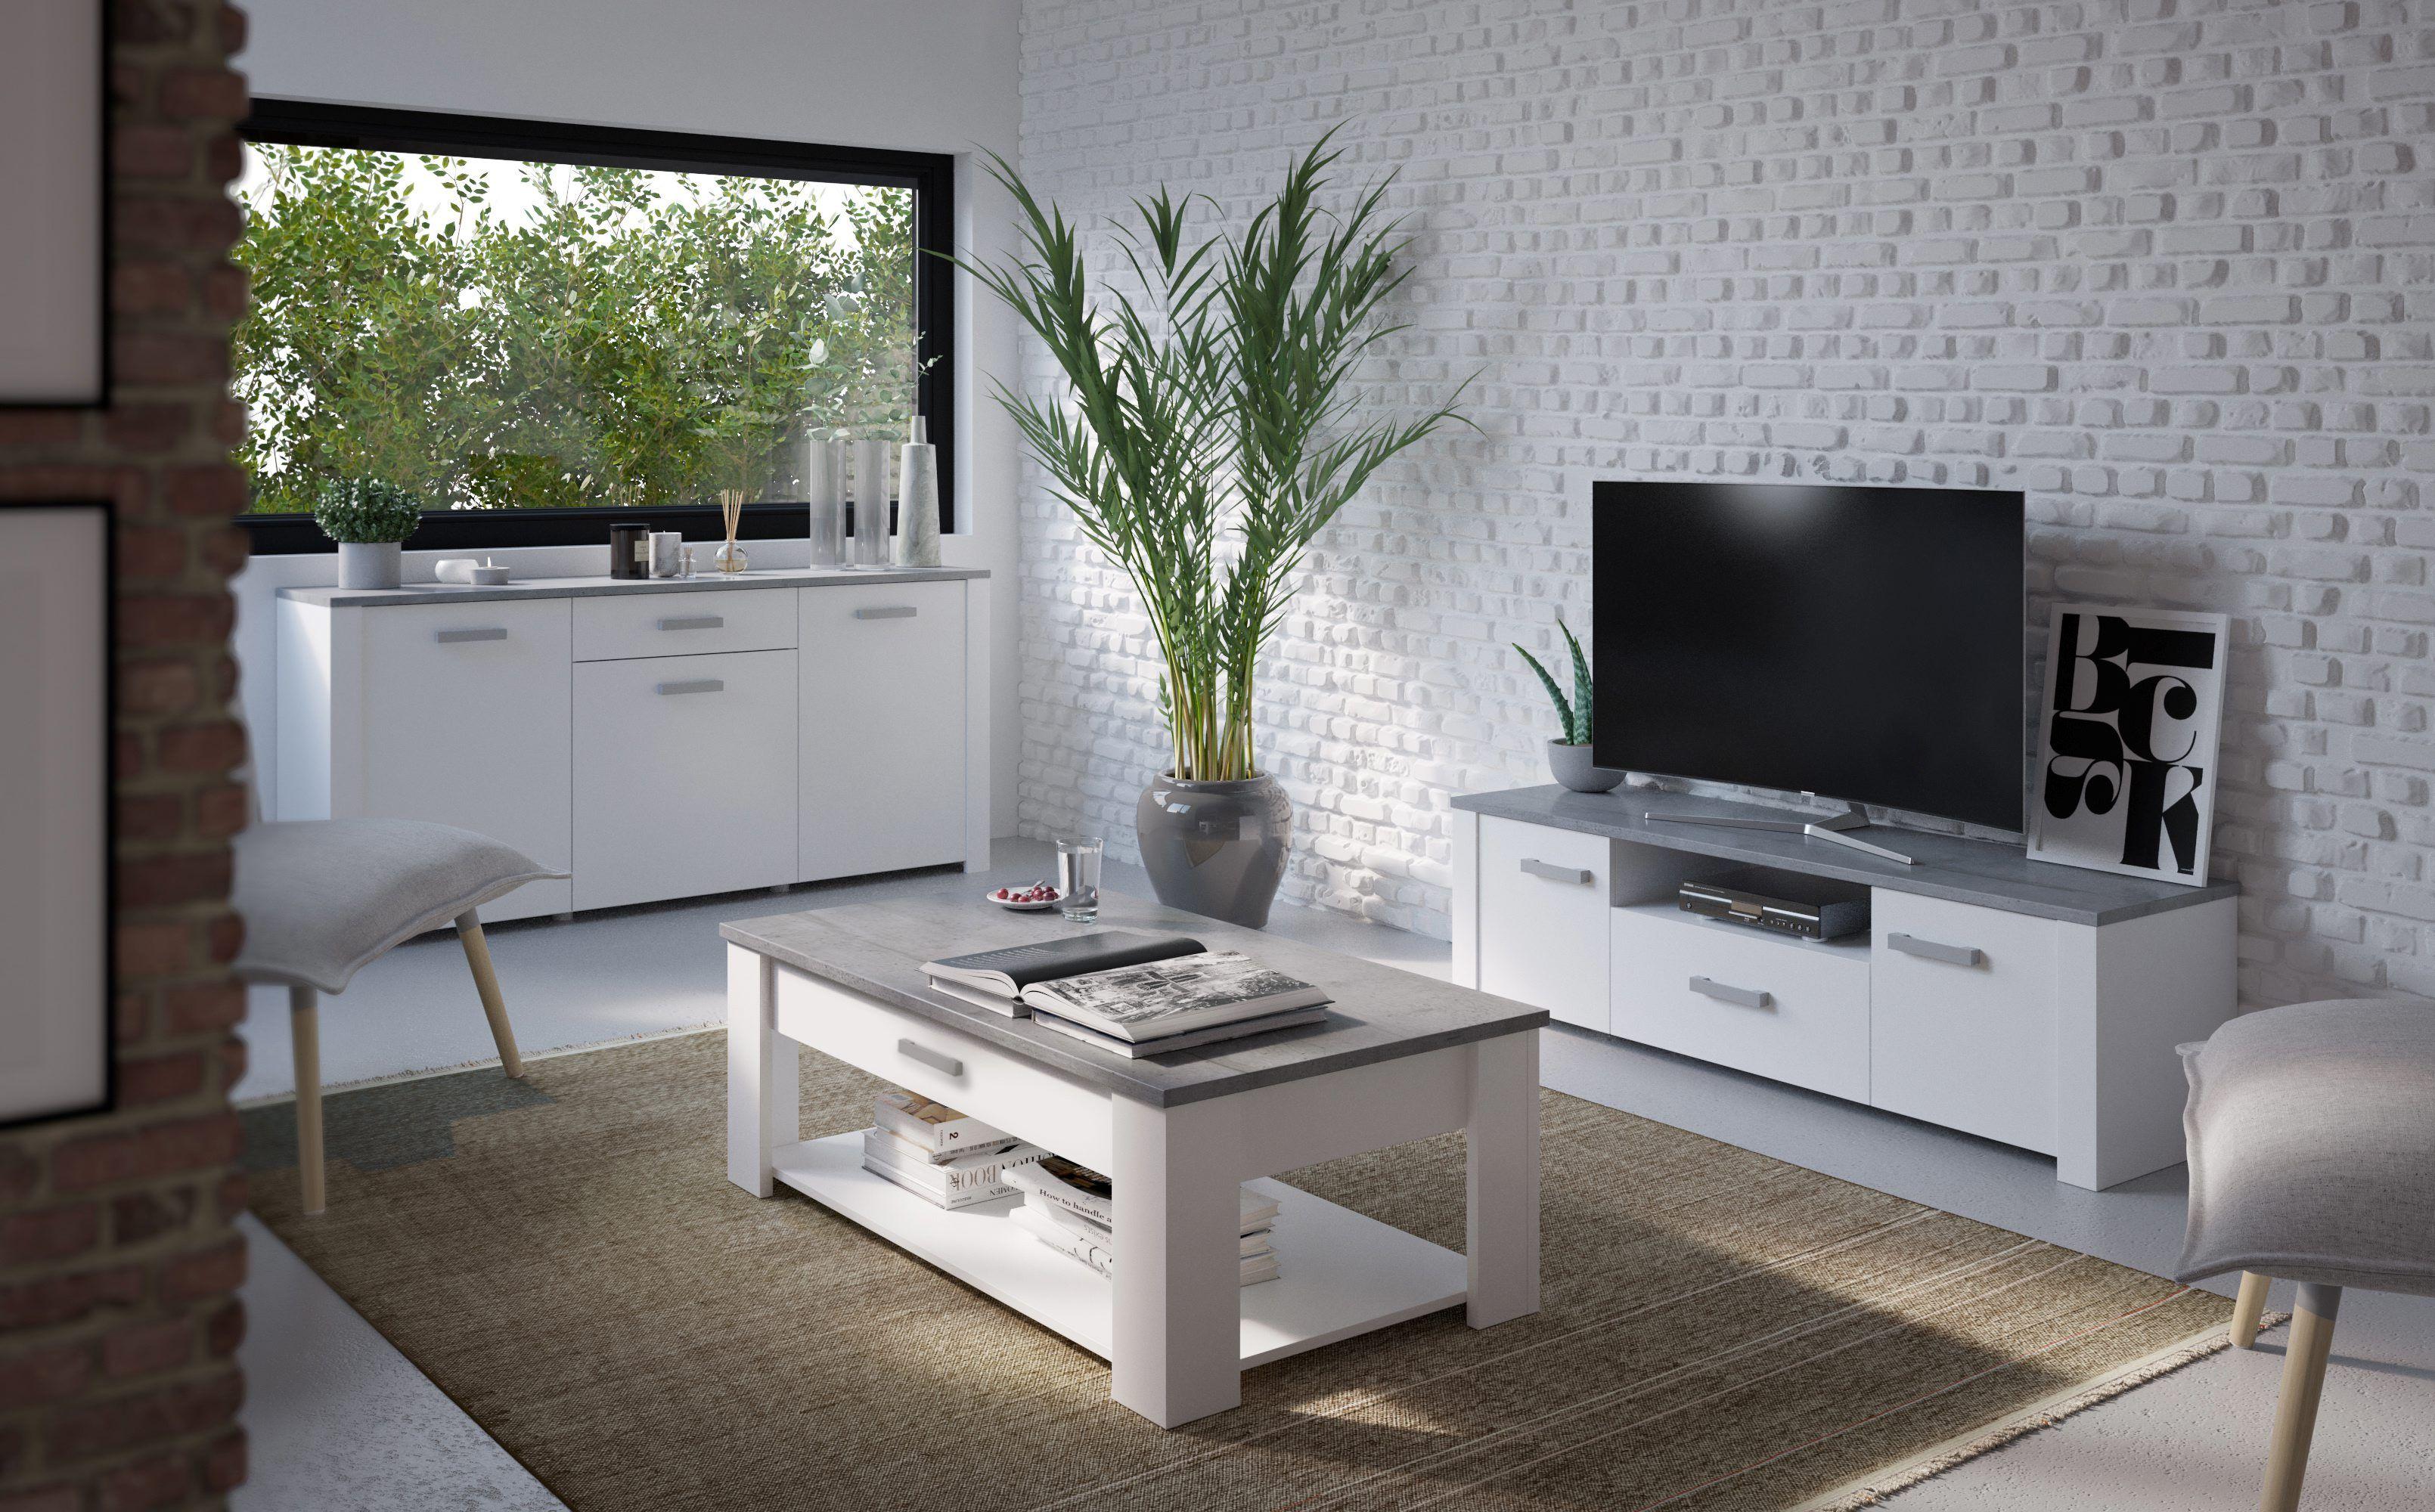 Le Blanc Et Le Gris Une Association Parfaite Pour Un Interieur Avec Du Caractere Table Basse Loukia Blanc E Meuble Tv Meuble Tv Pas Cher Mobilier De Cuisine